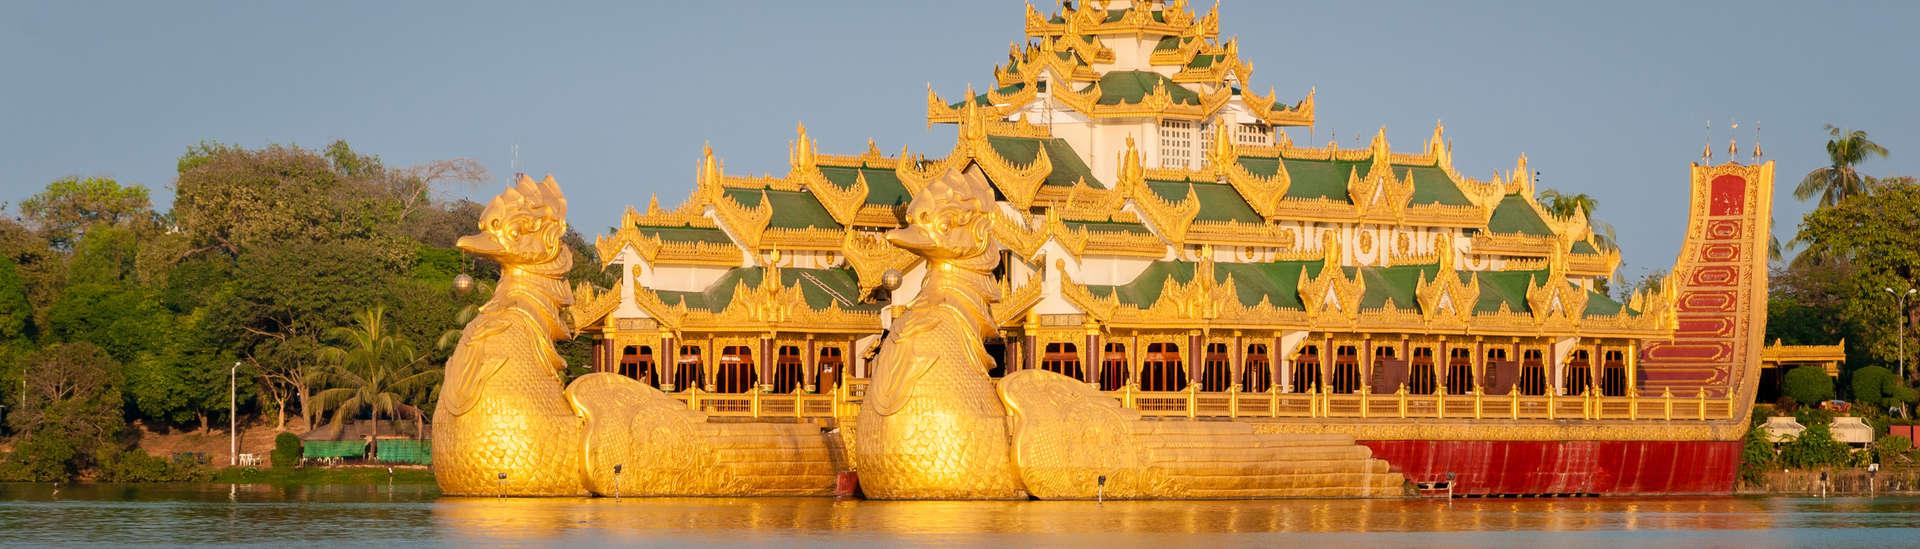 Birma2013-39.jpg